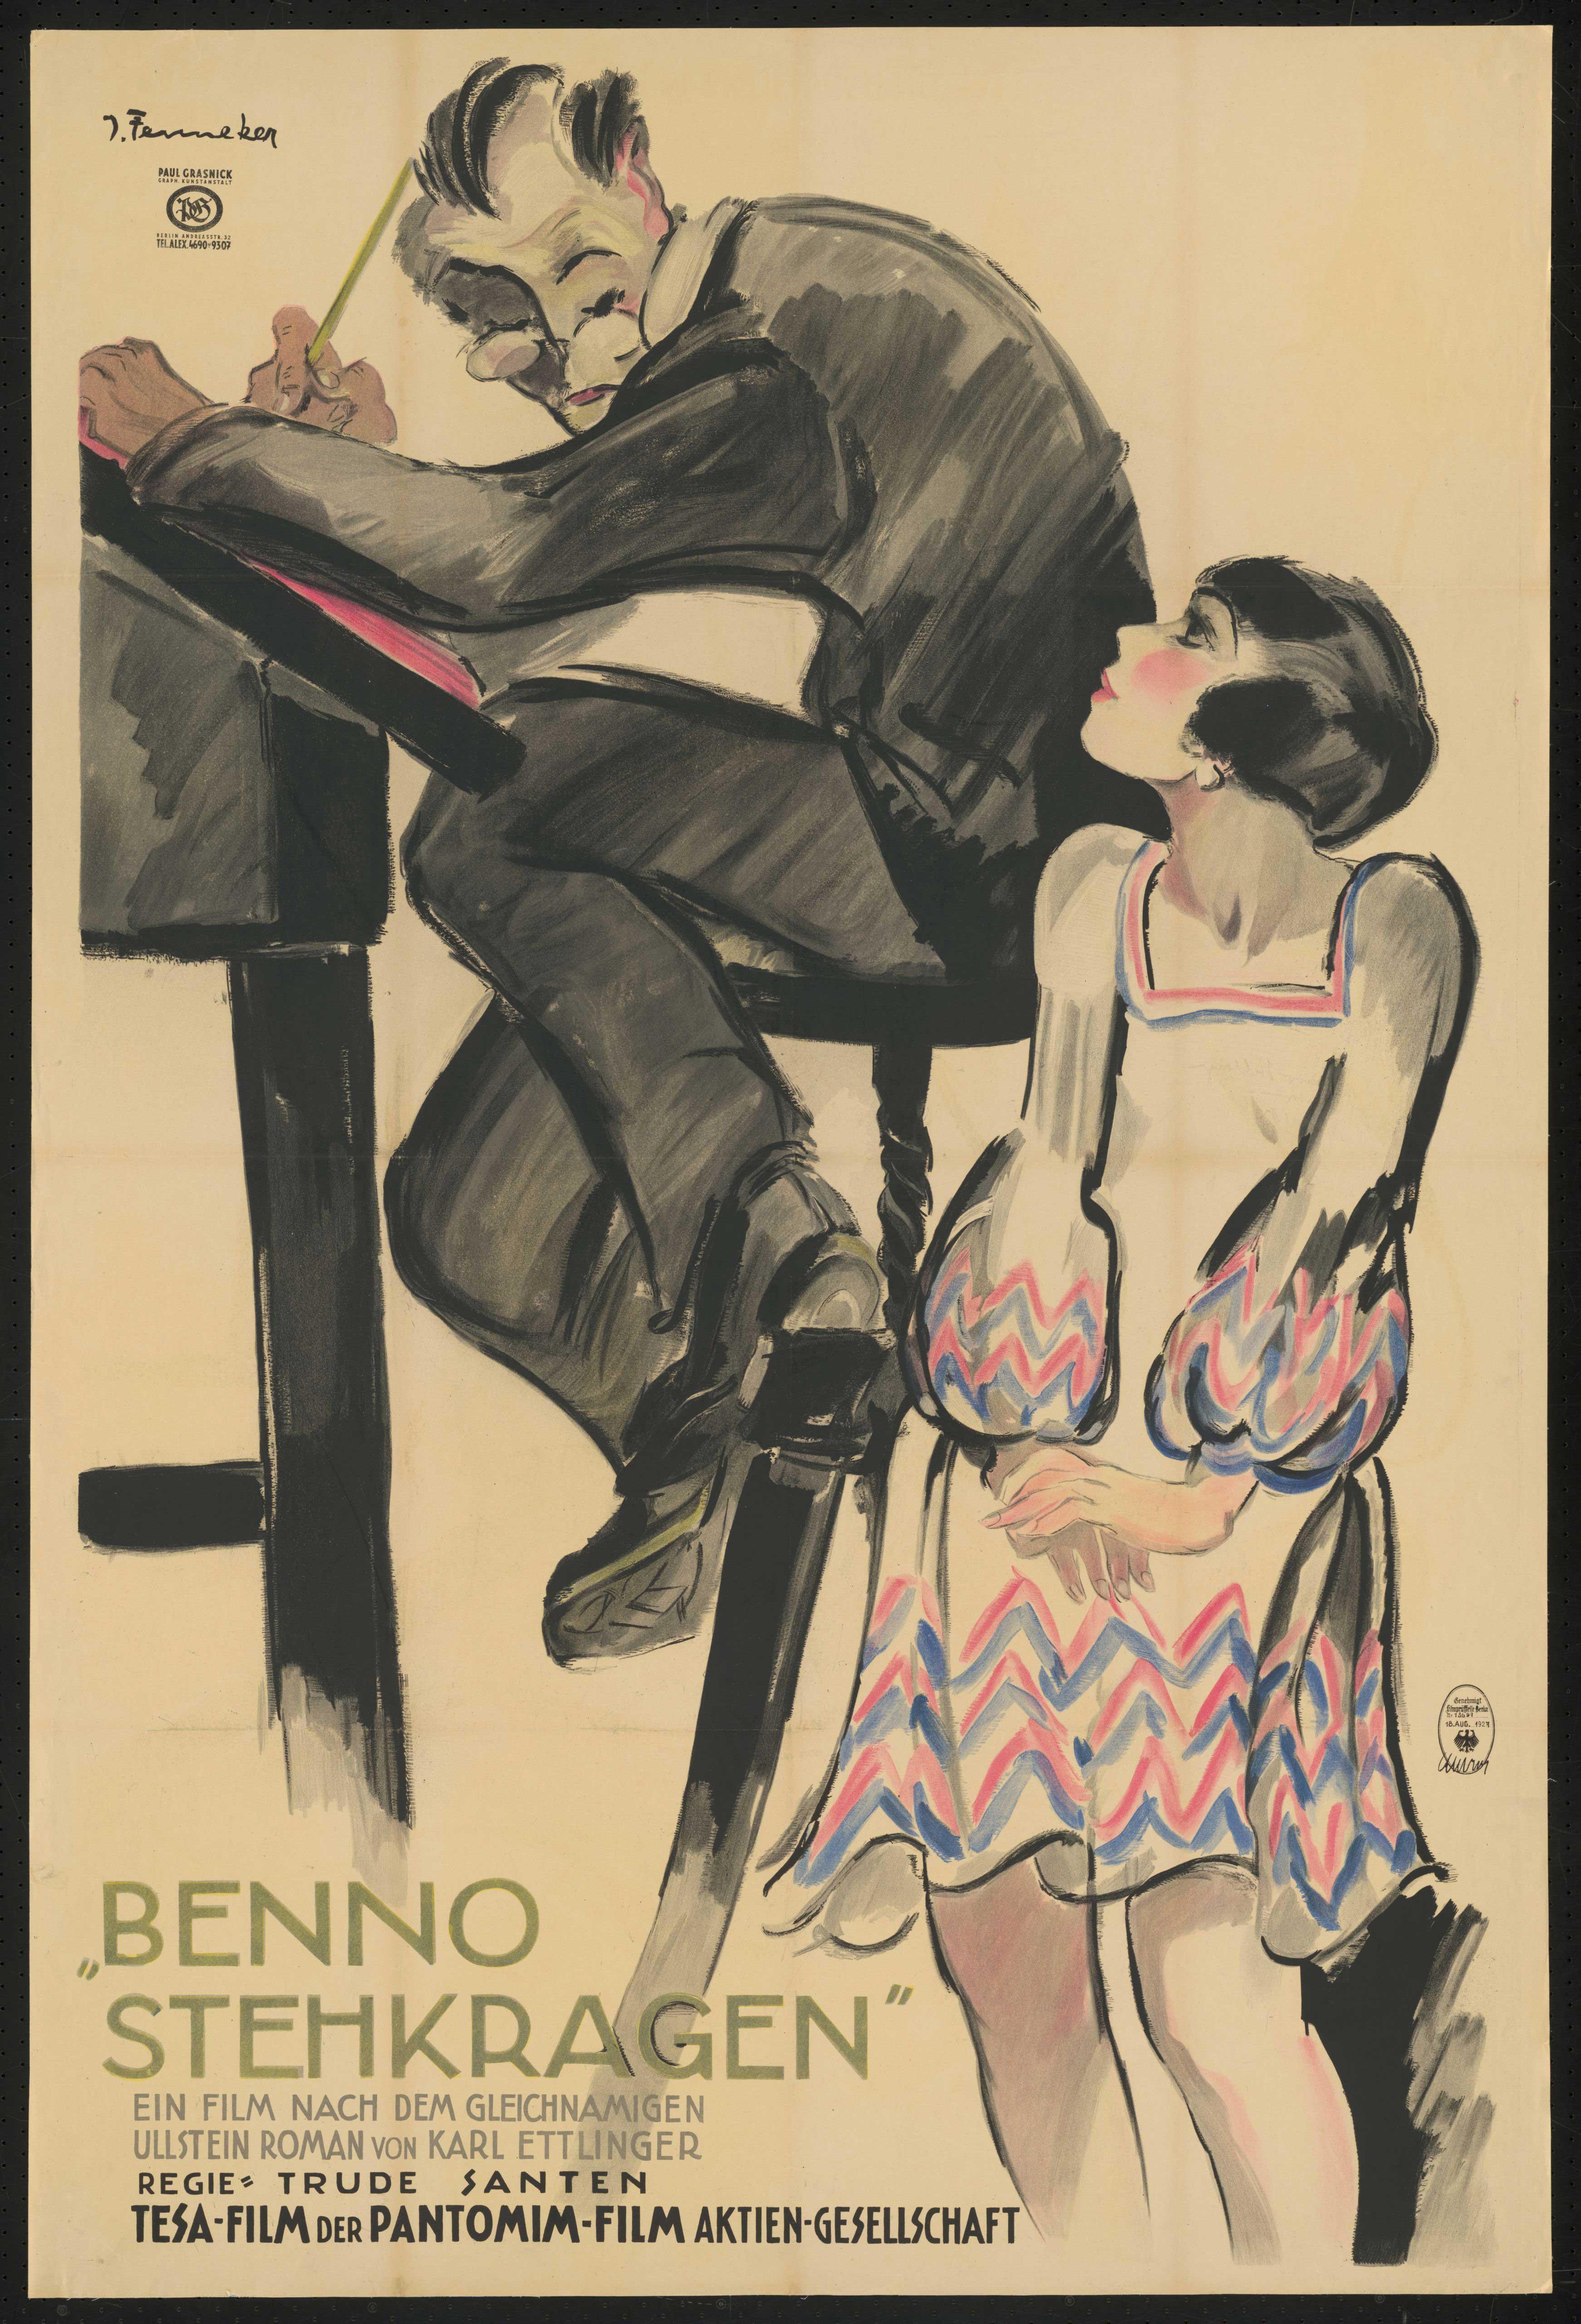 Film poster by Josef Fenneker: Benno Stehkragen, Germany 1927, directed by Trude Santen